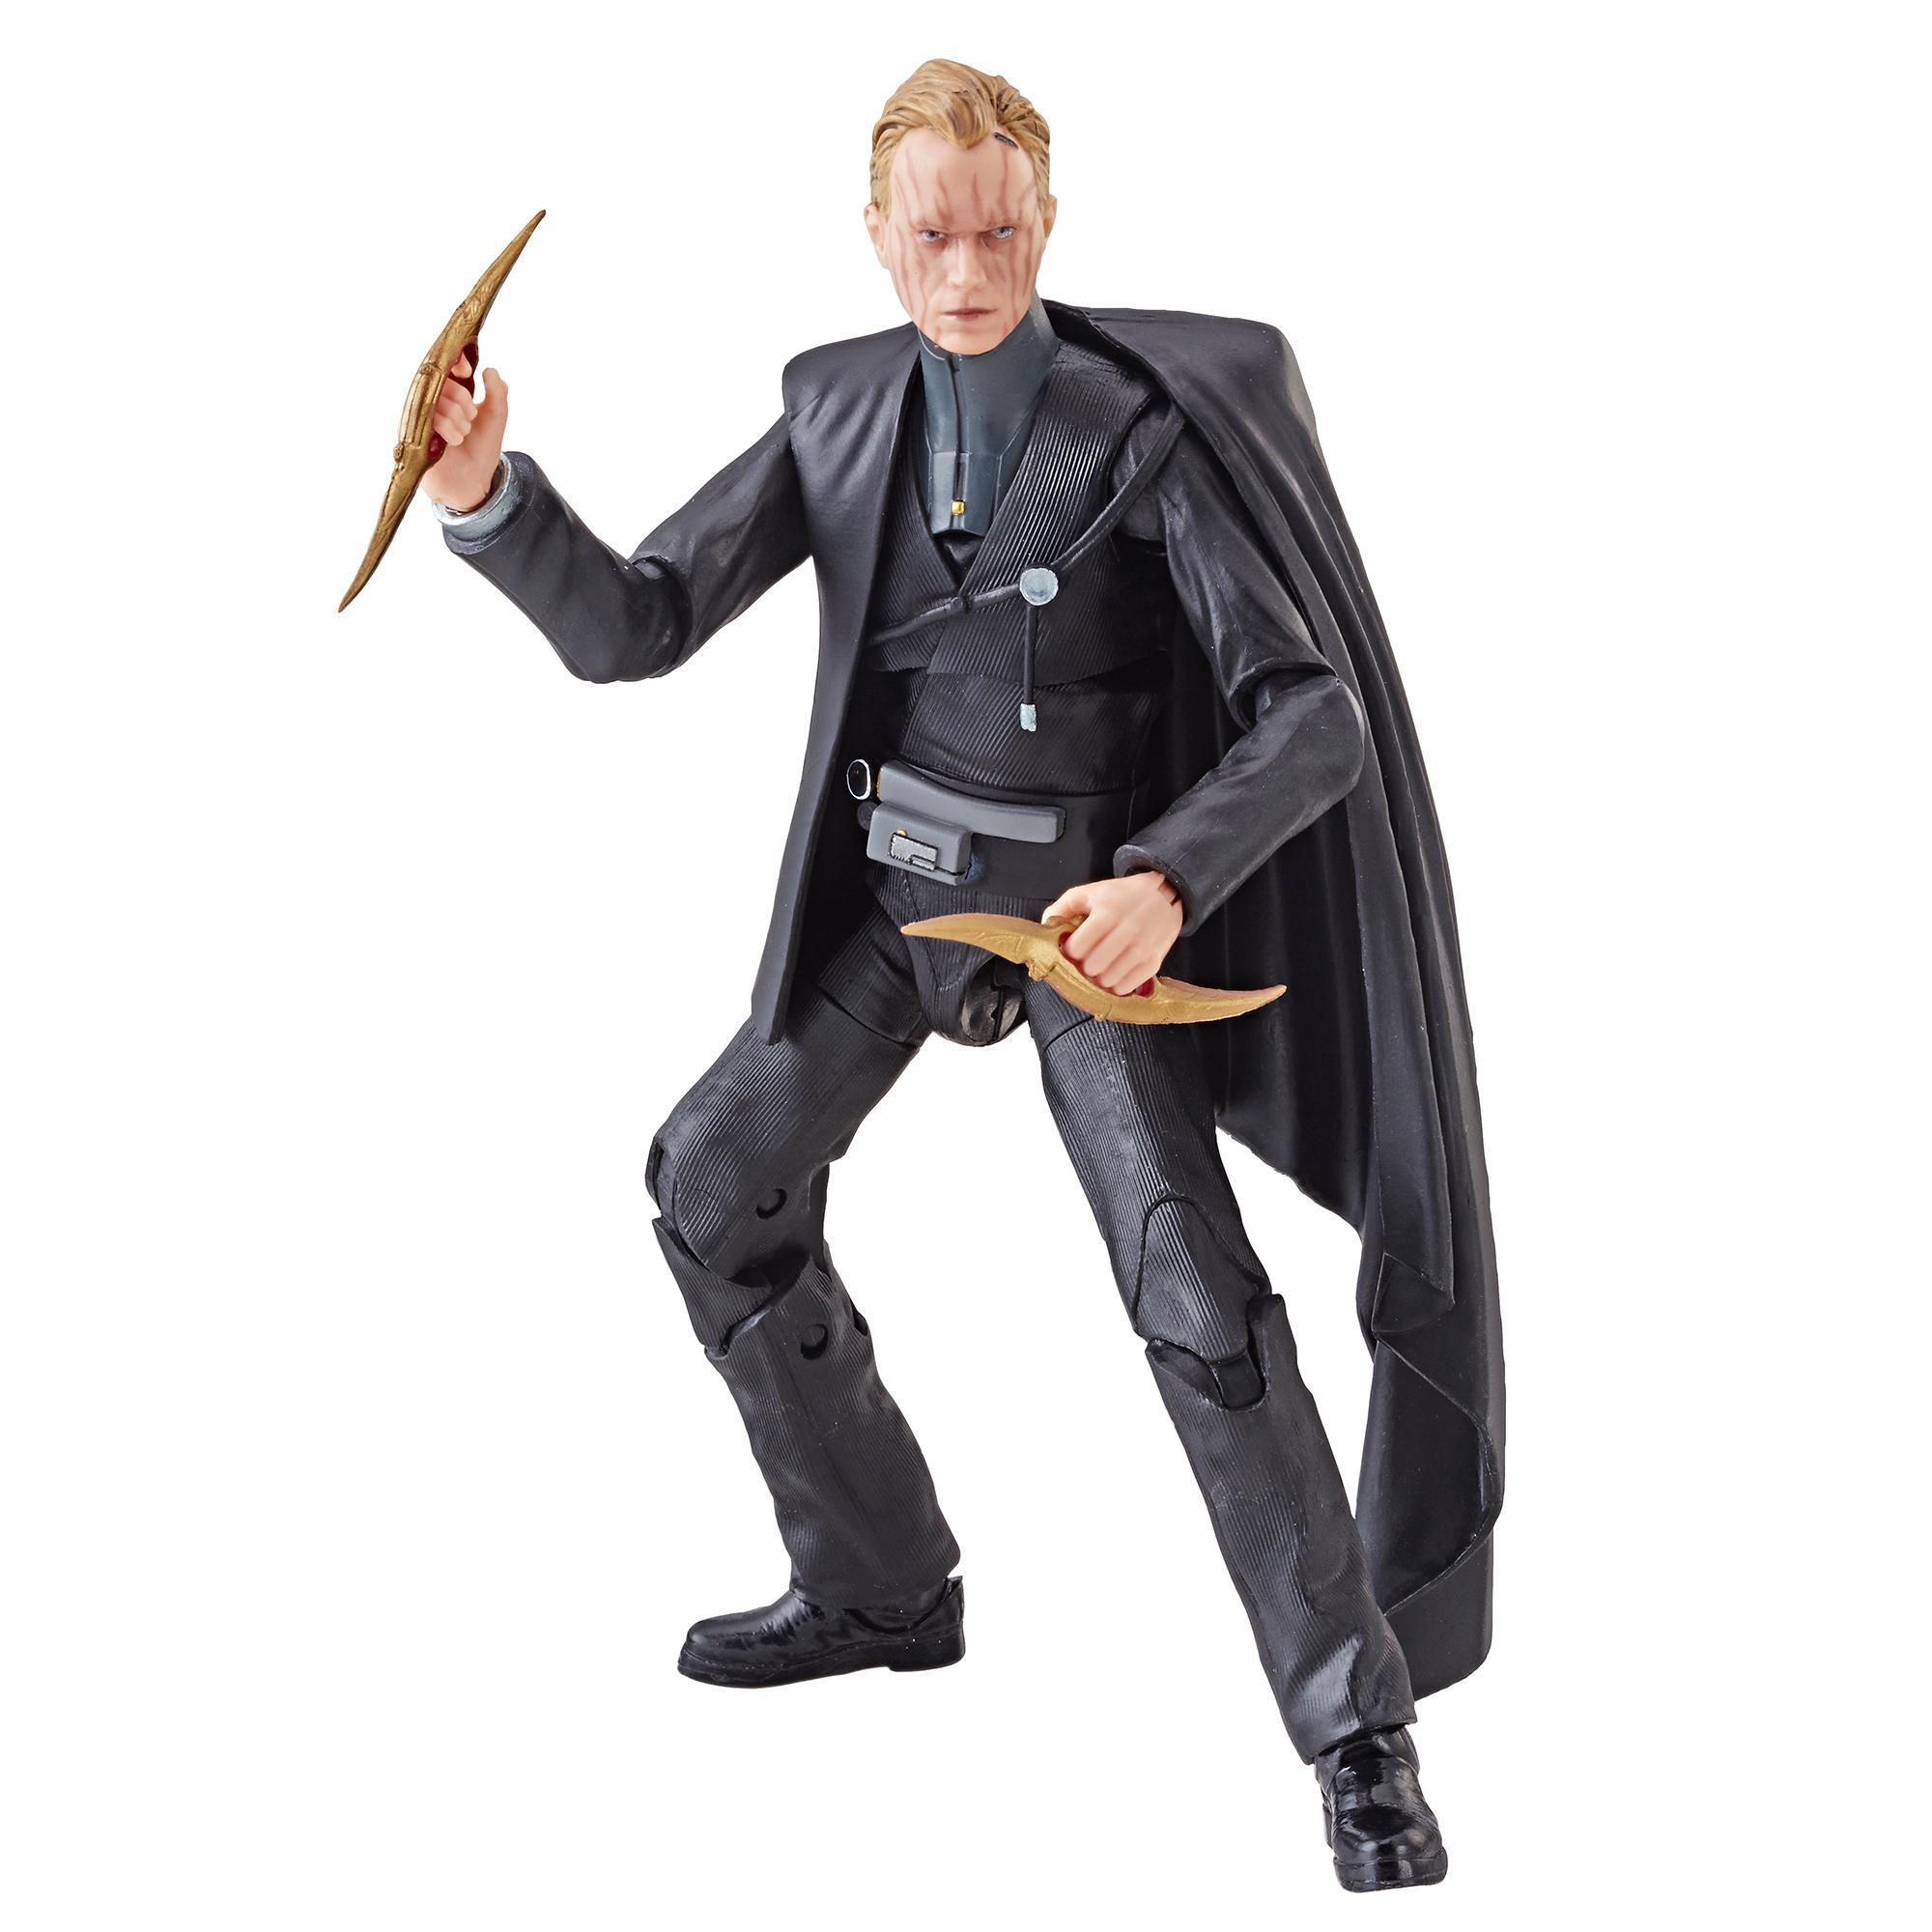 Star Wars The Black Series 6-inch Dryden Vos Figure